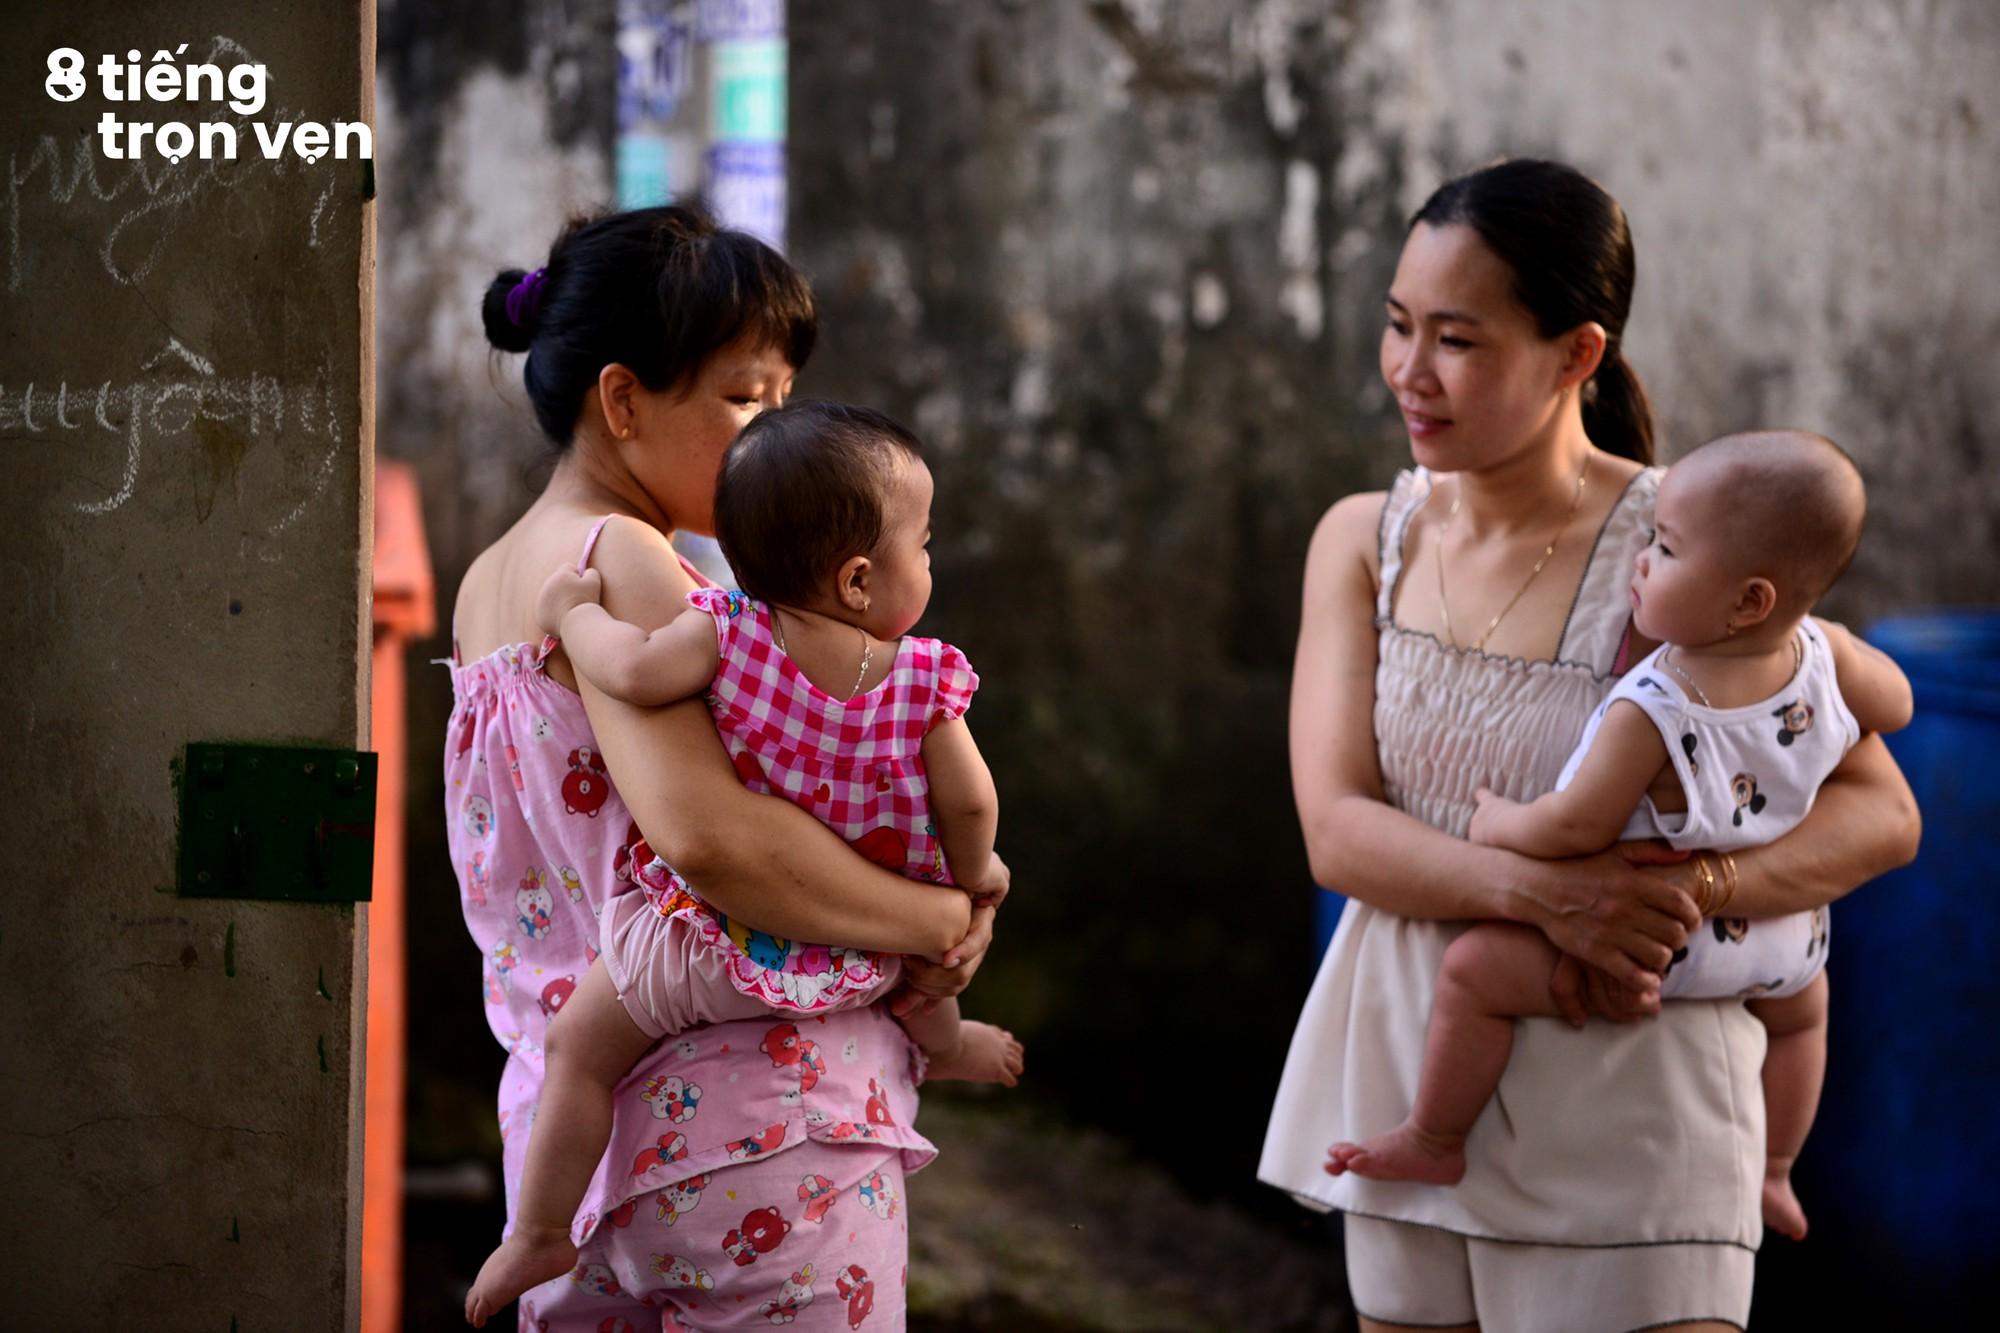 8 tiếng trọn vẹn - Bộ ảnh đầy cảm xúc về cuộc sống mưu sinh hối hả của những công nhân Sài Gòn sau giờ tan ca - Ảnh 17.